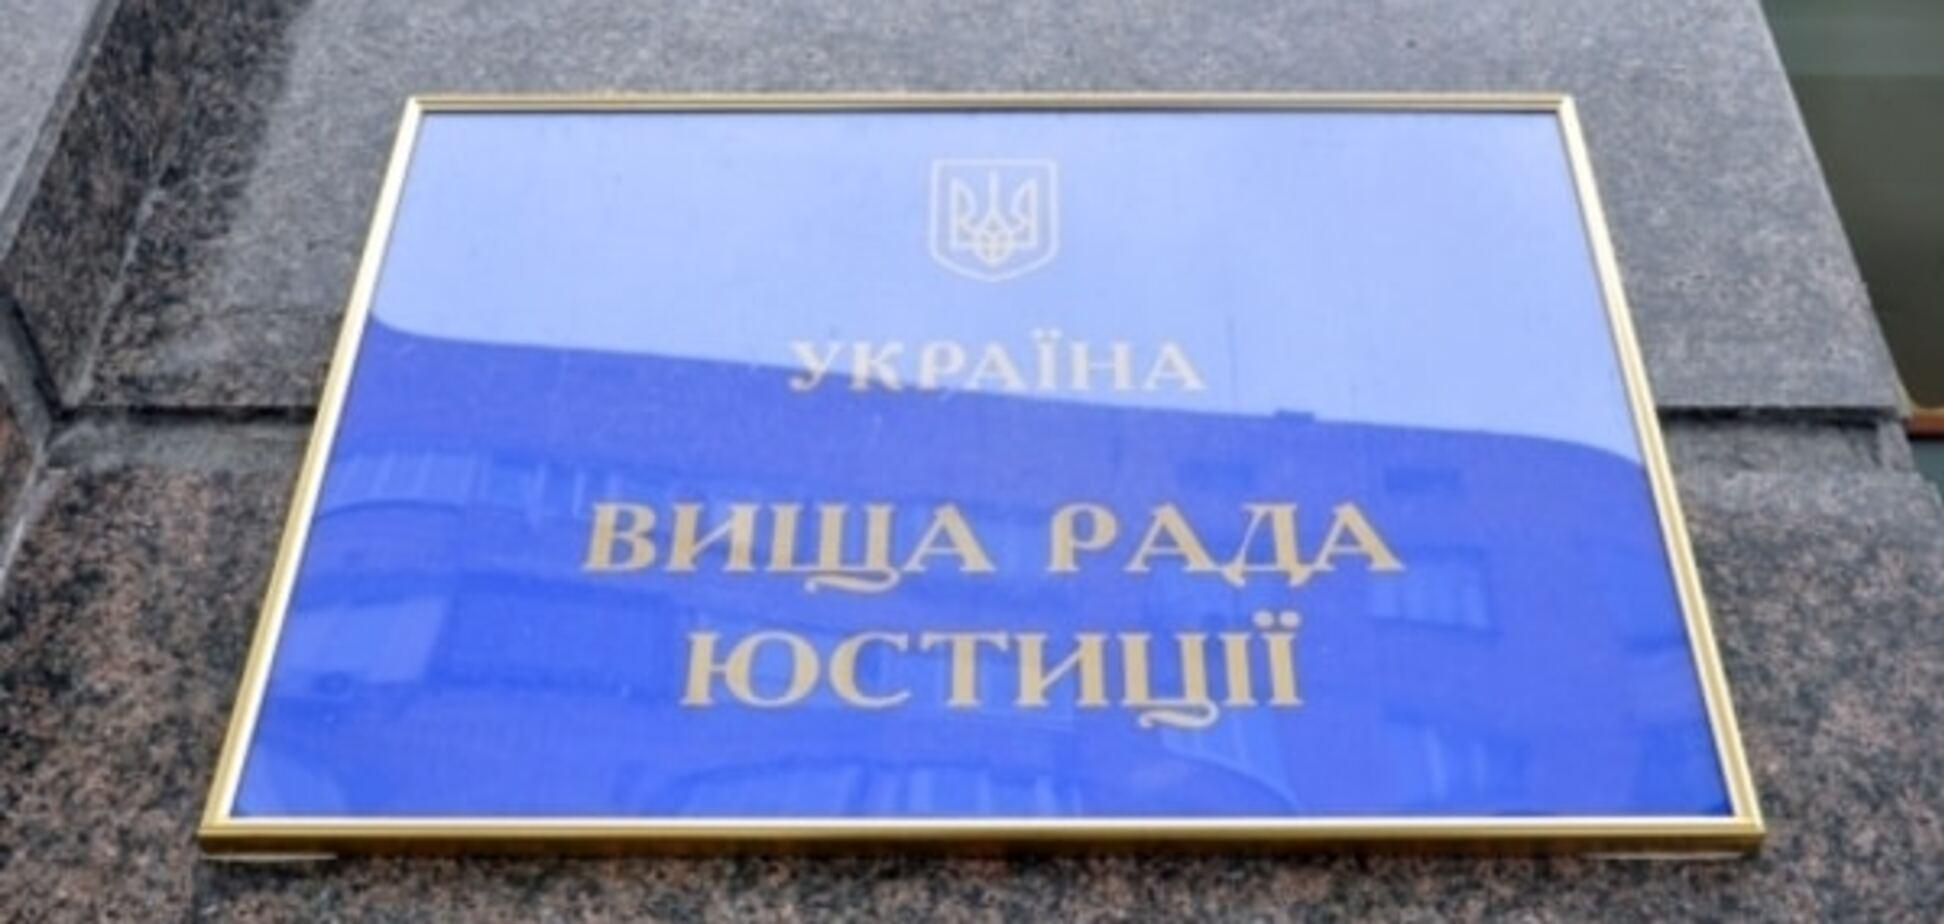 ВРЮ відмовилася звільнити суддю, який переслідував активістів Євромайдану